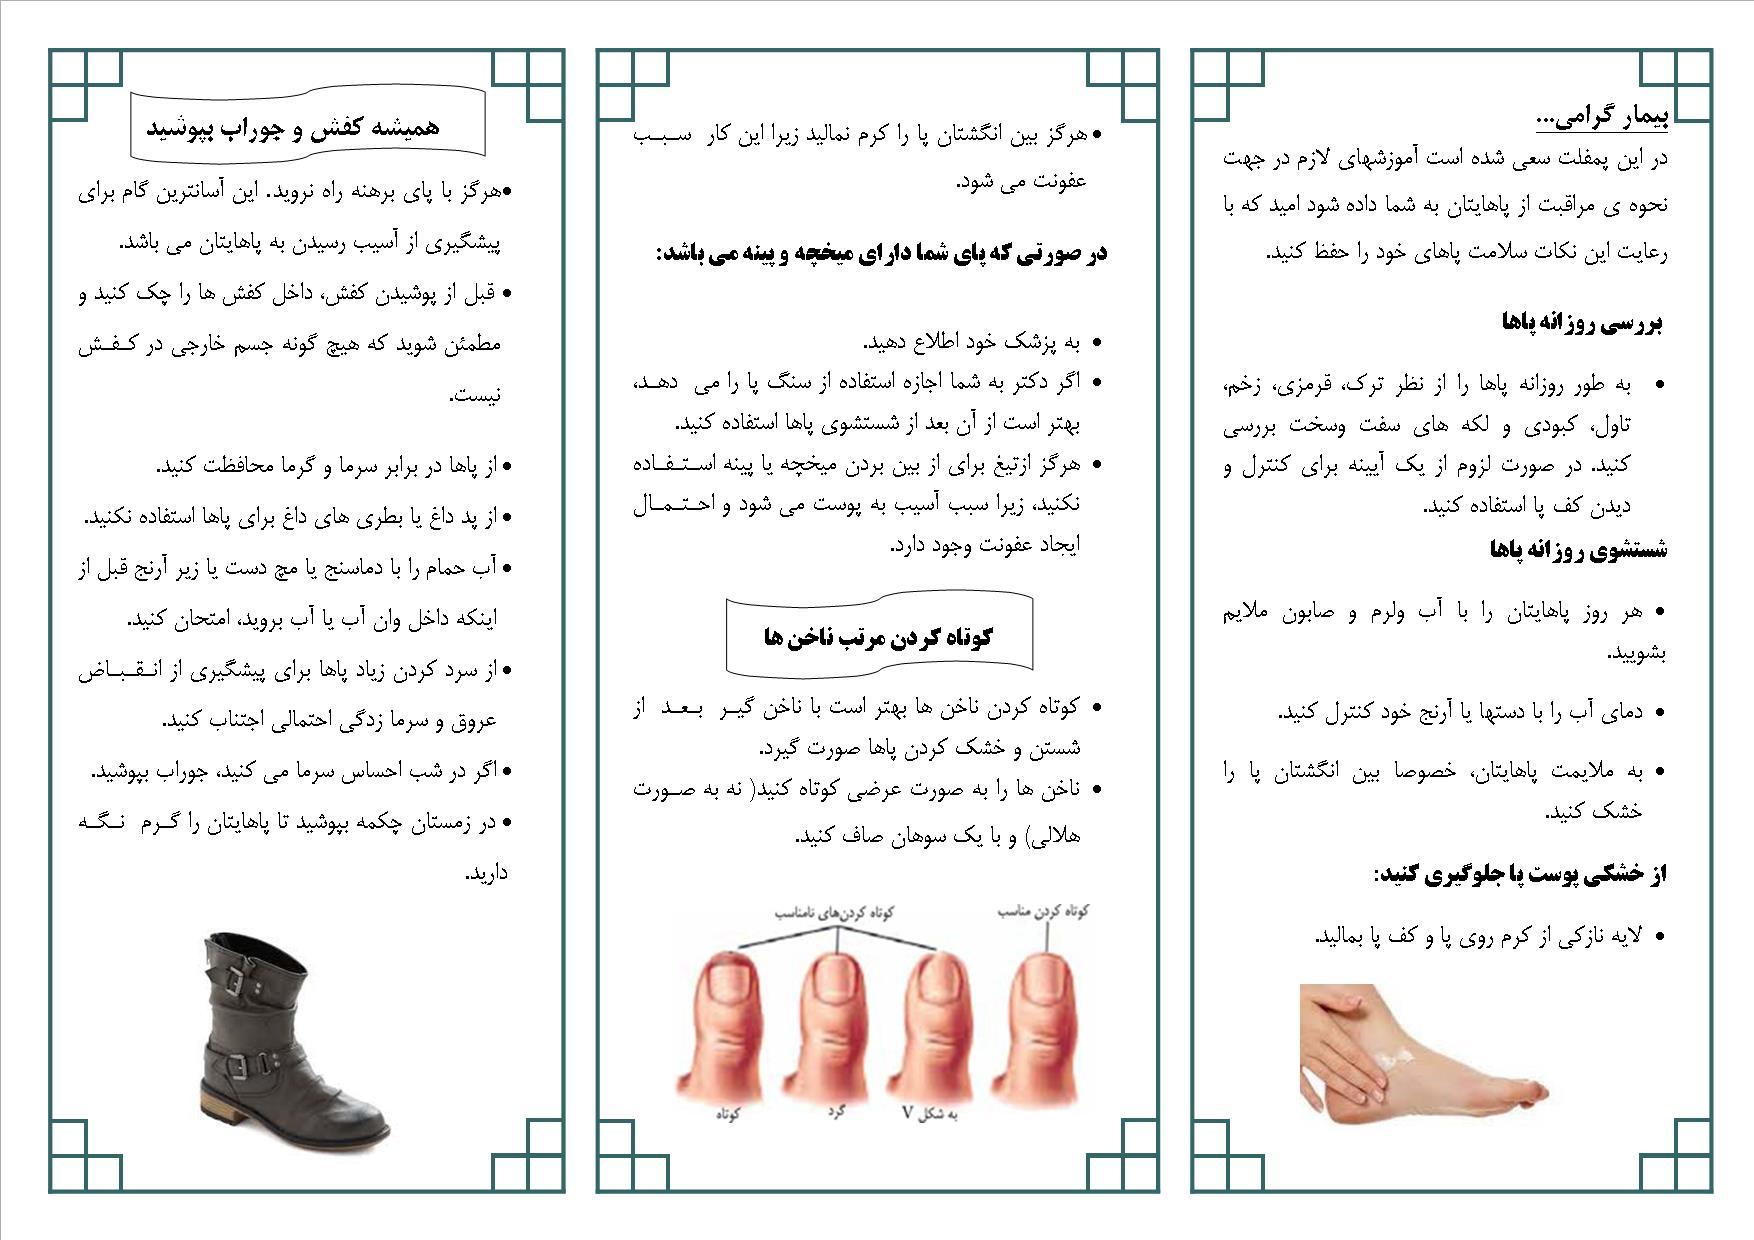 توصیه های مهم برای مراقبت از زخم پای دیابتی